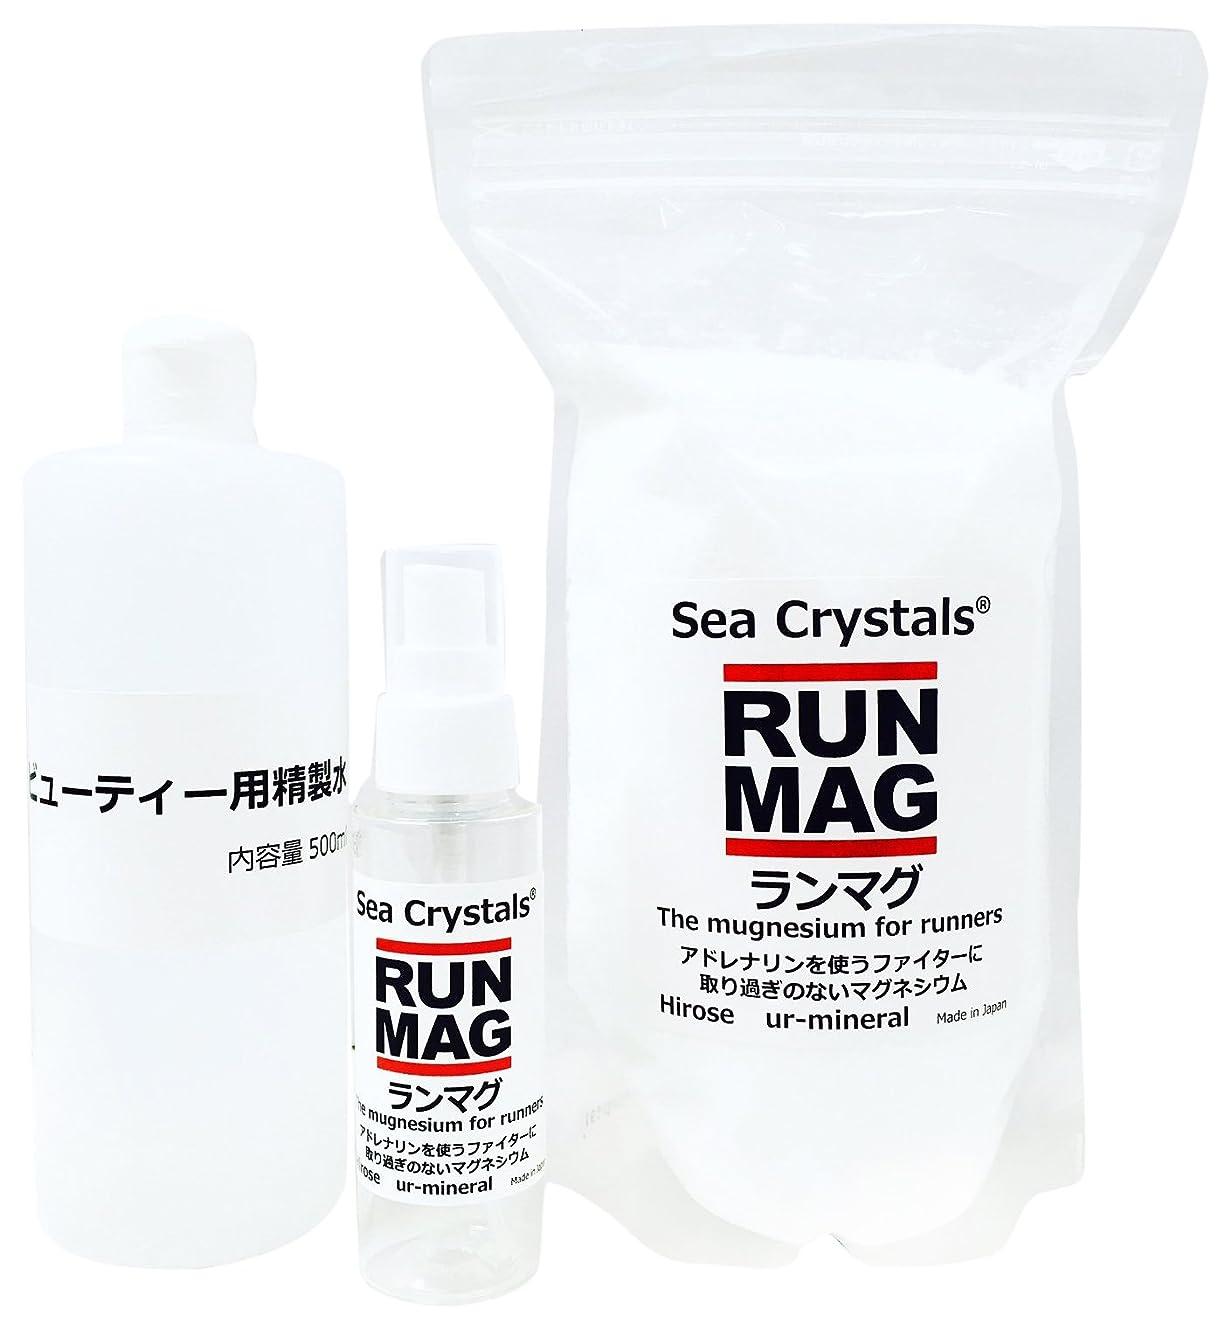 不良品アンペア政令ランマグ?マグネシウムオイル 500g 化粧品登録 日本製 1日マグネシウム360mg使用? 精製水付き